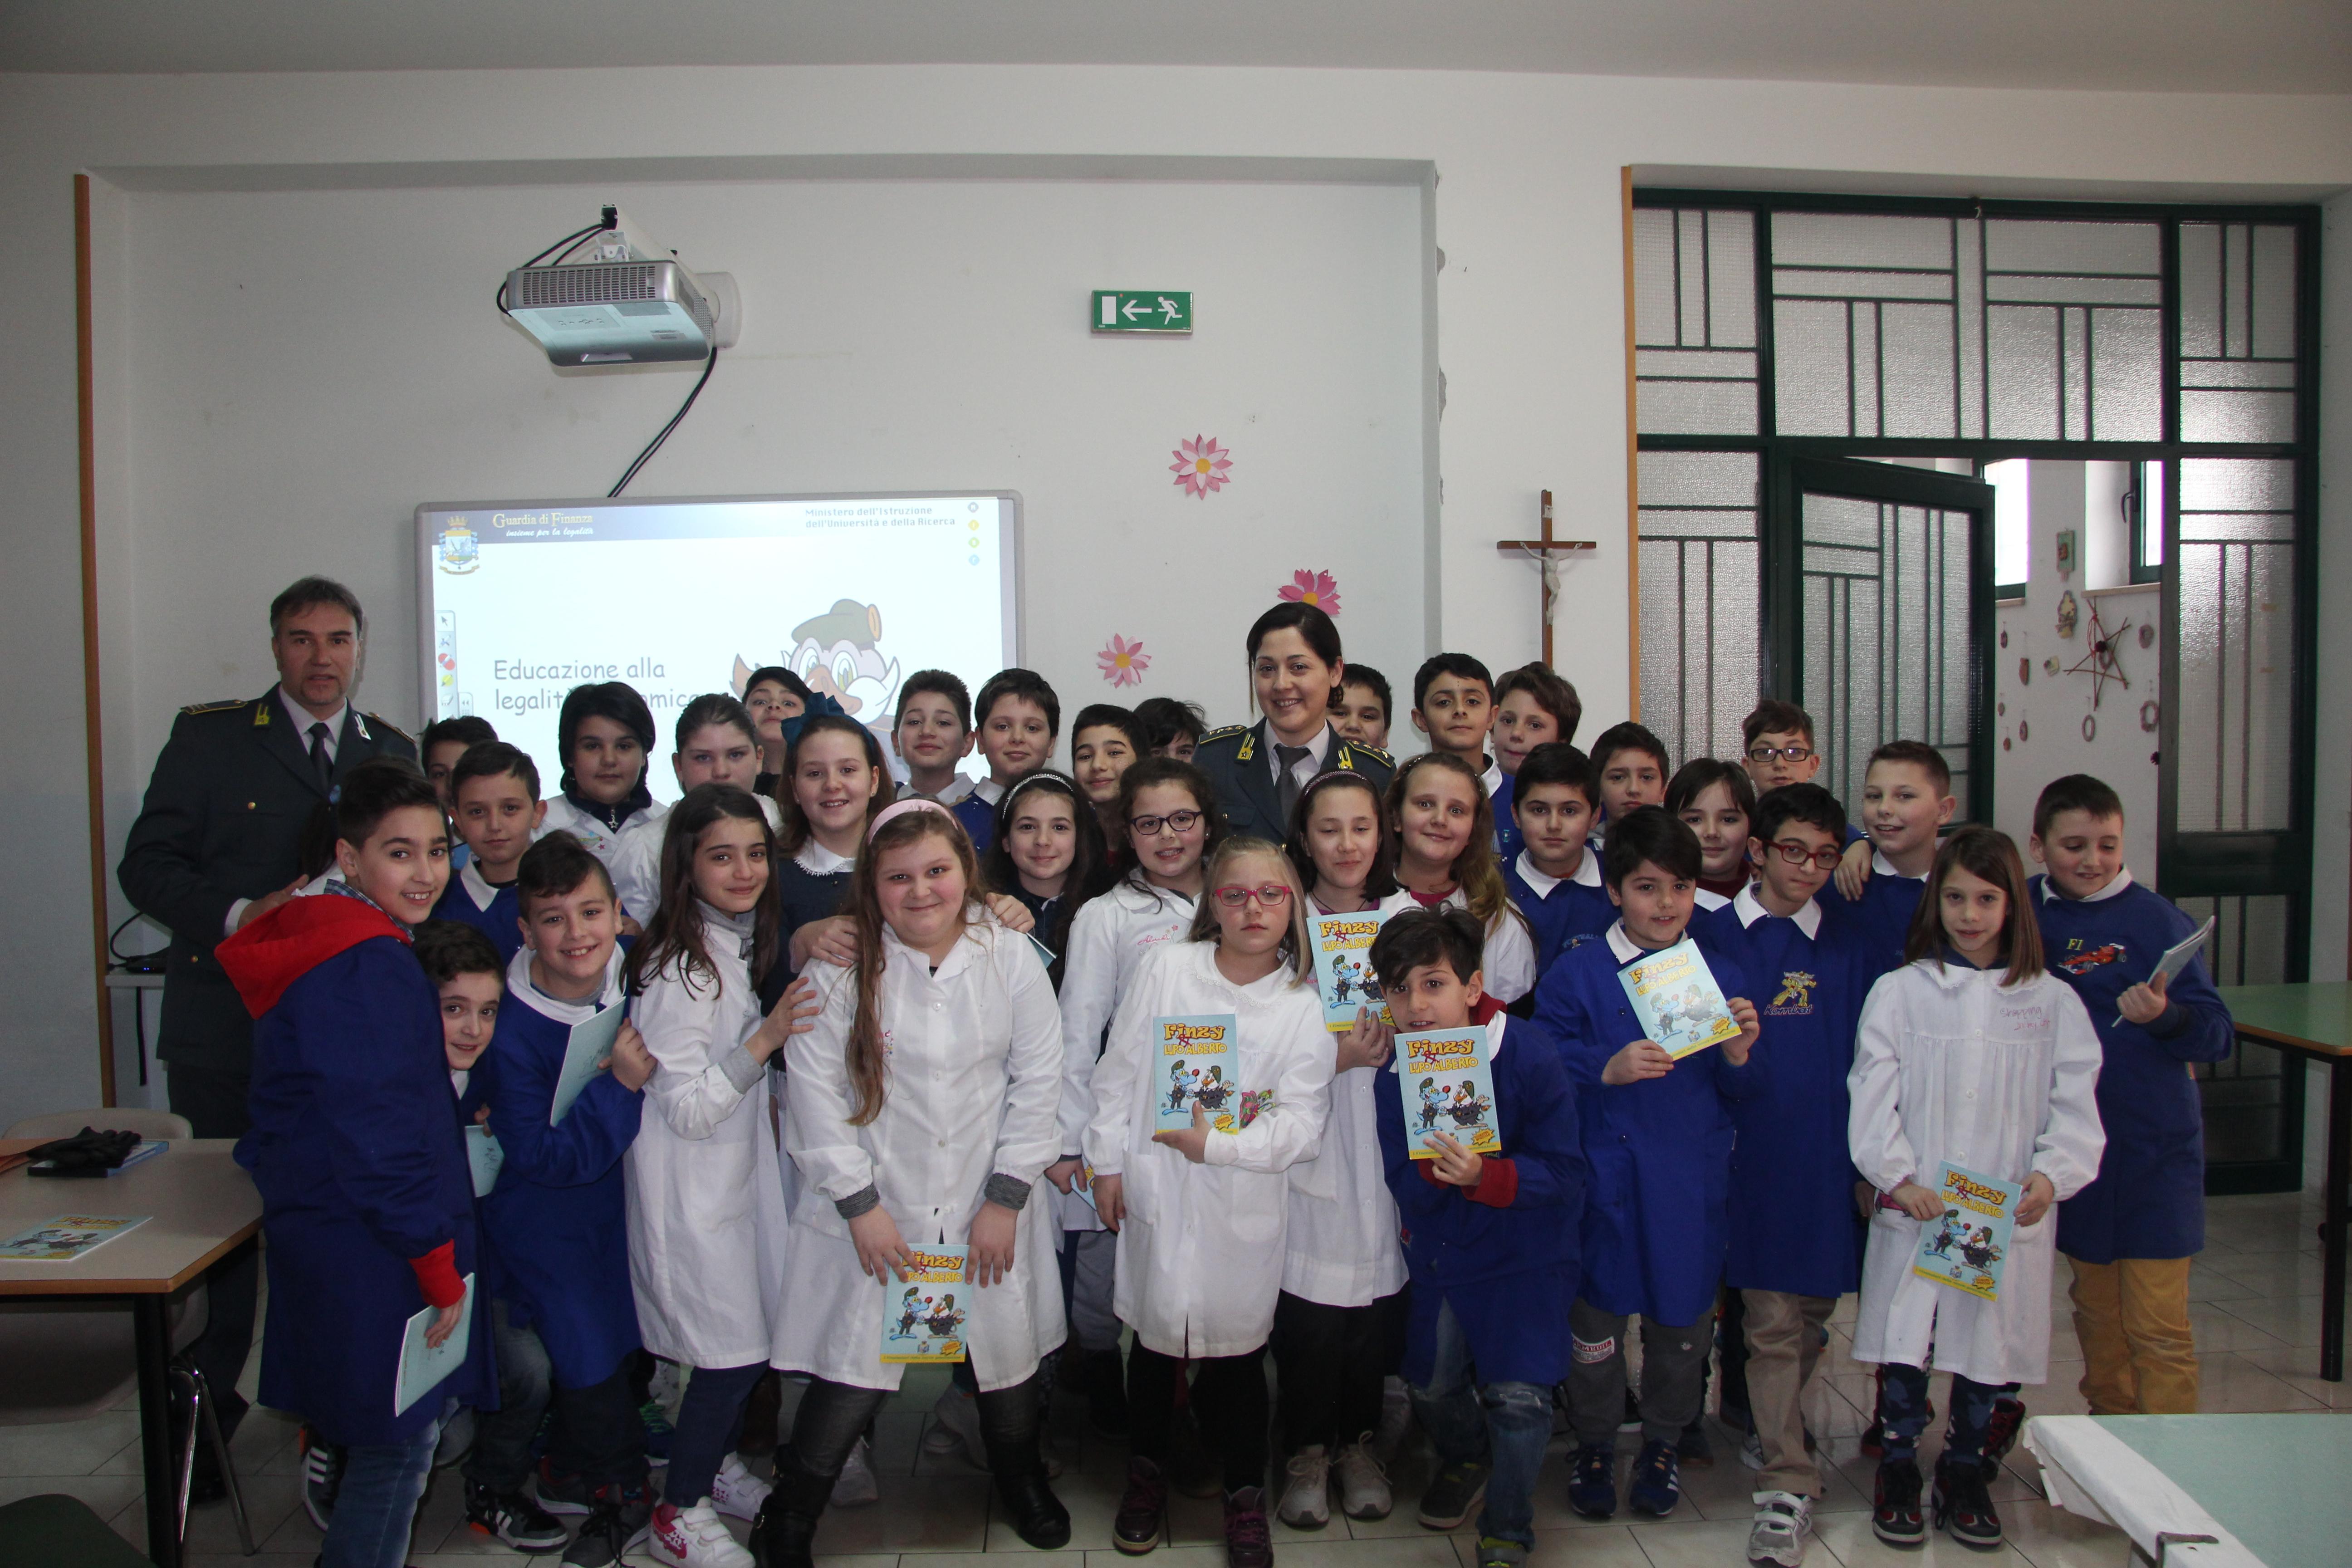 Lezioni di legalità tenute dalla Guardia di Finanza agli alunni delle scuole primarie di San Martino Sannita